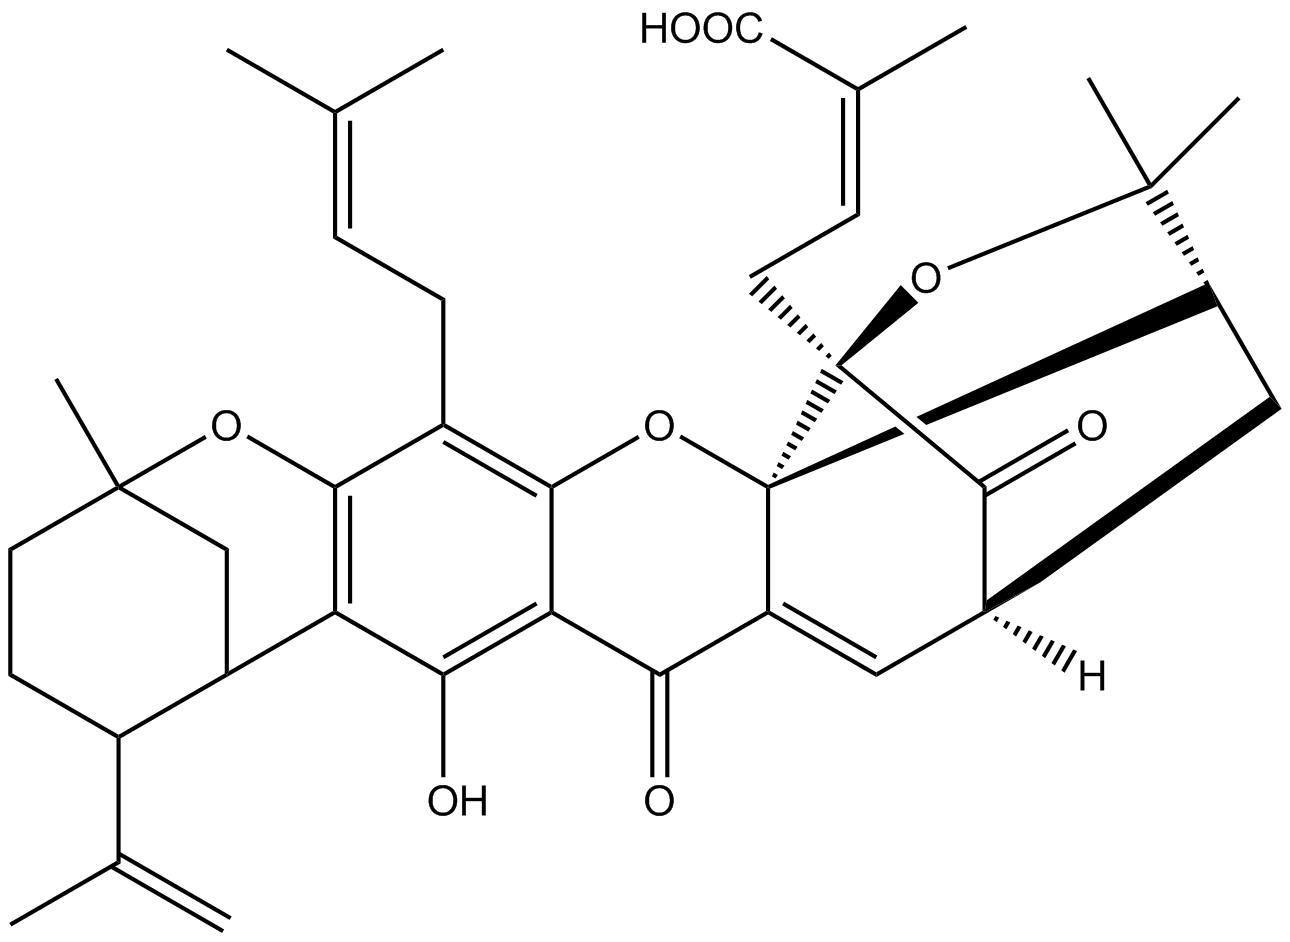 Gambogellic acid